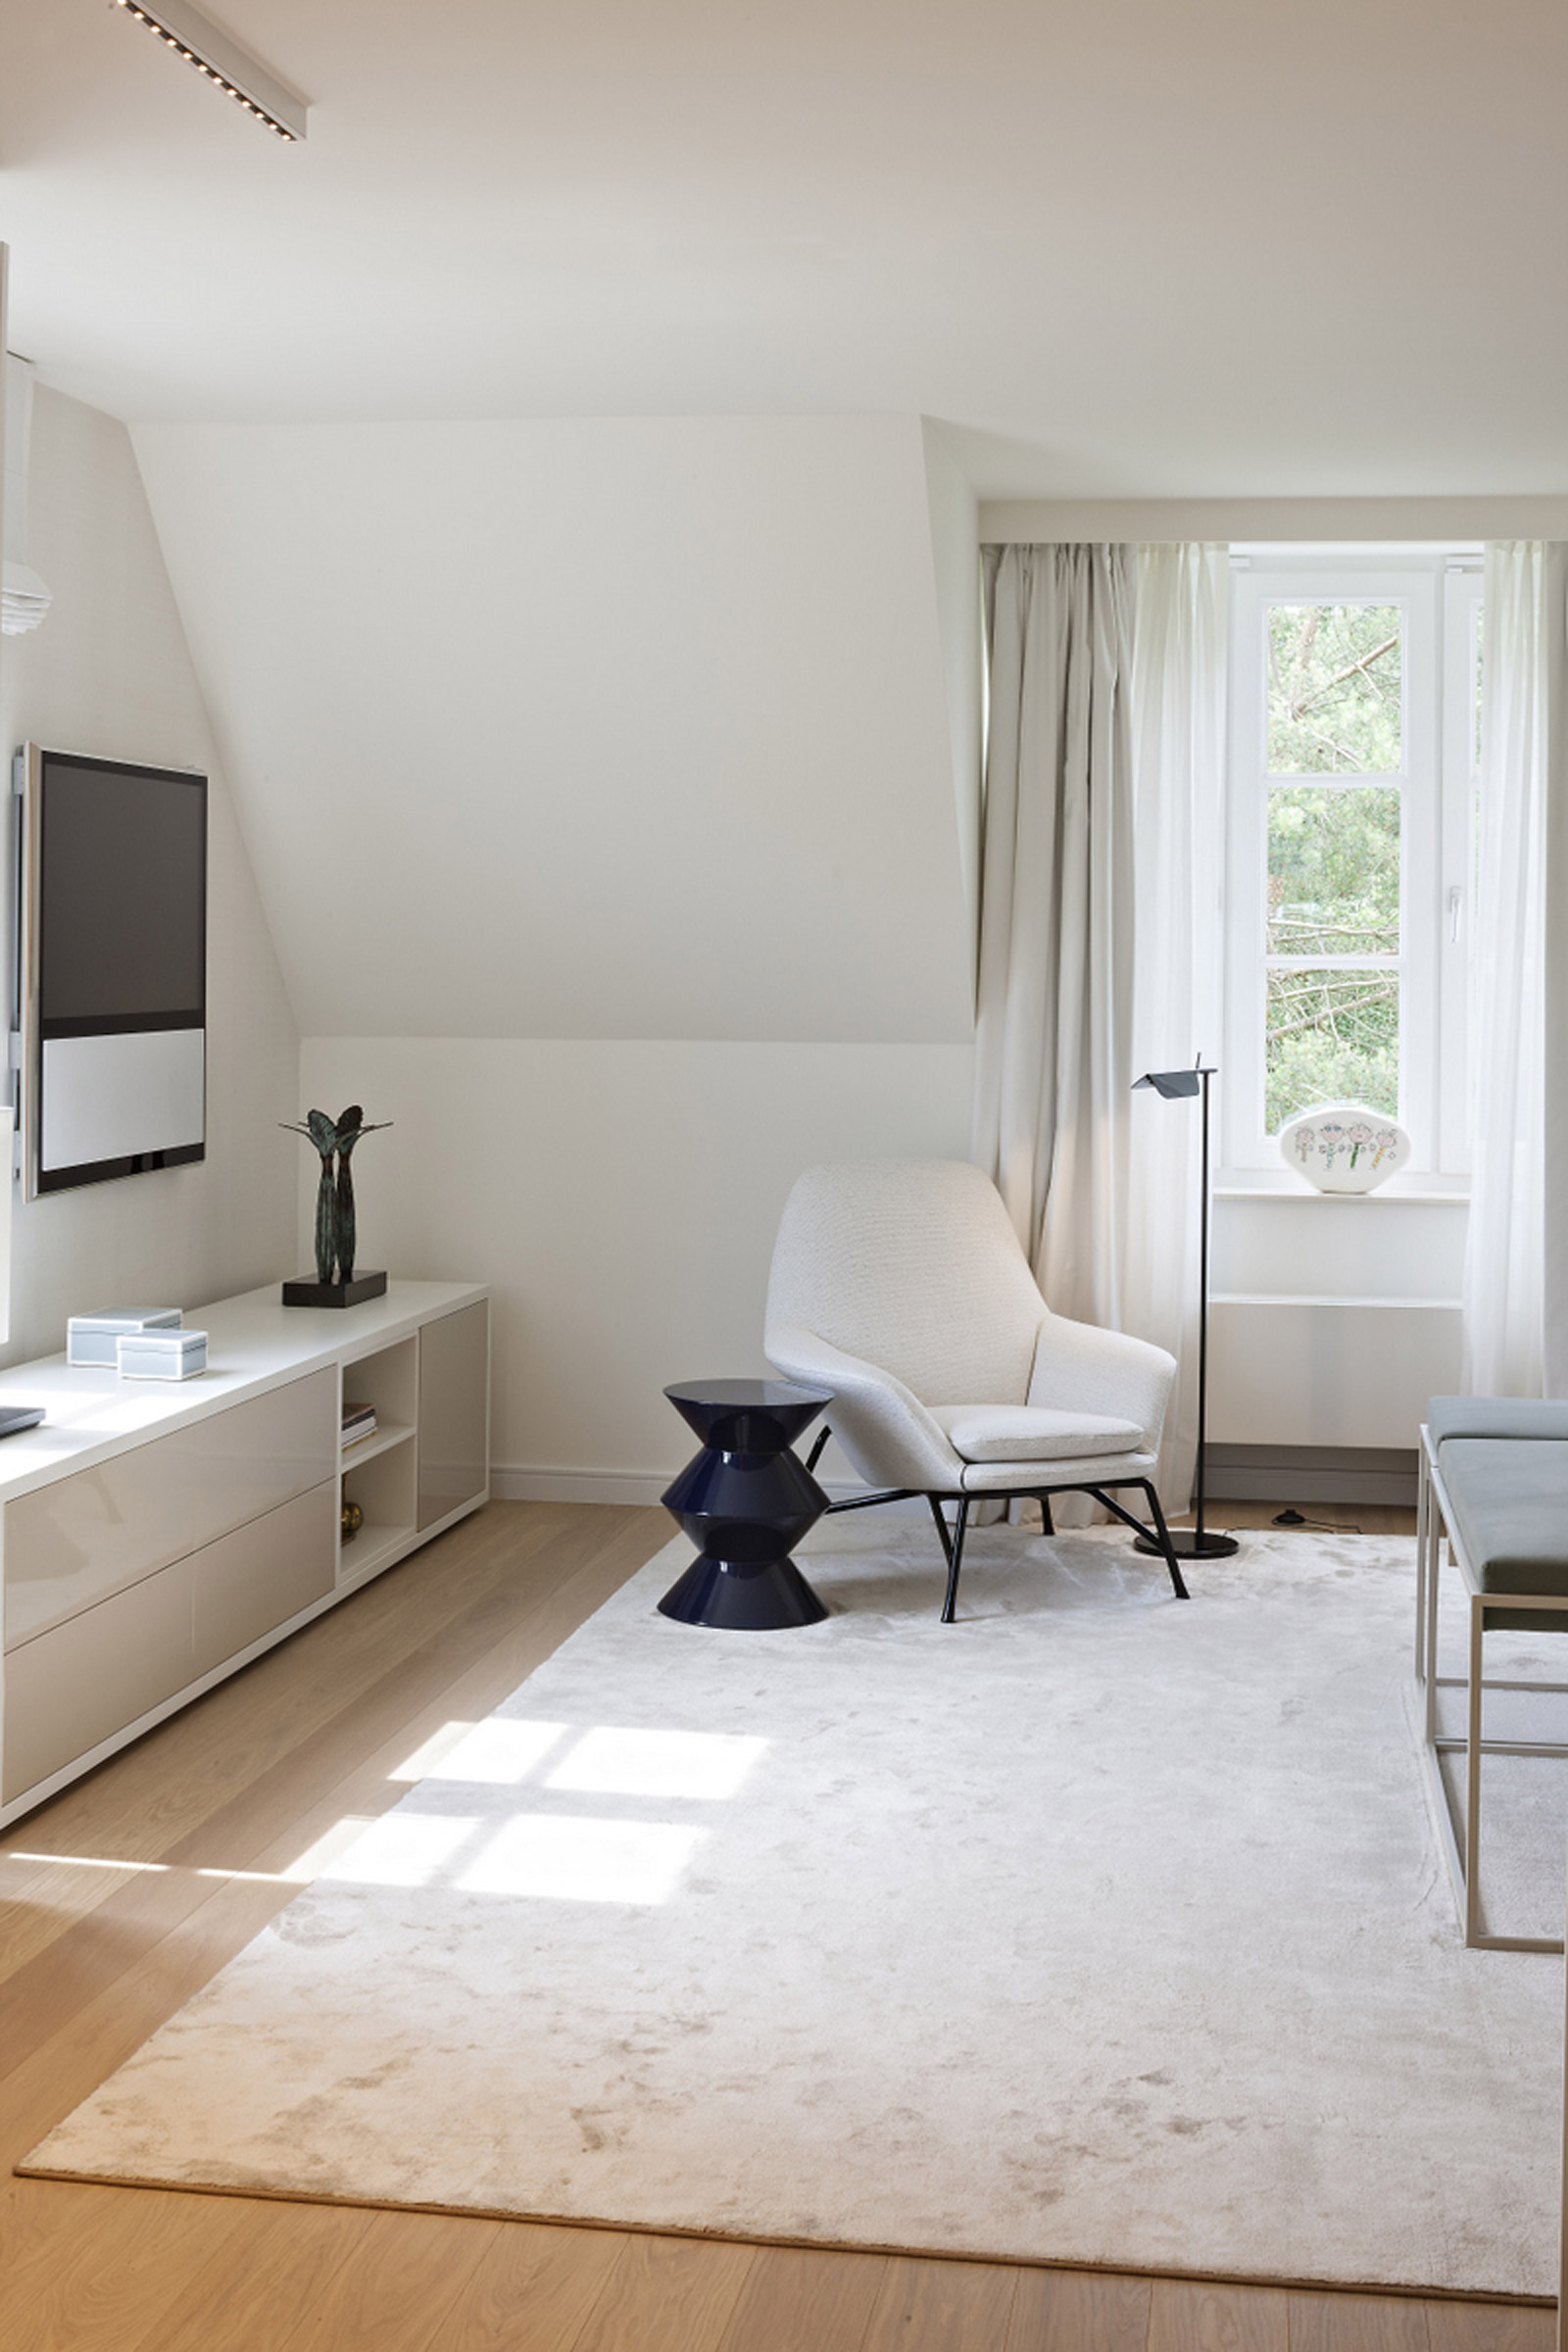 habitación blanca estilo minimalista con sillón y mueble sencillo